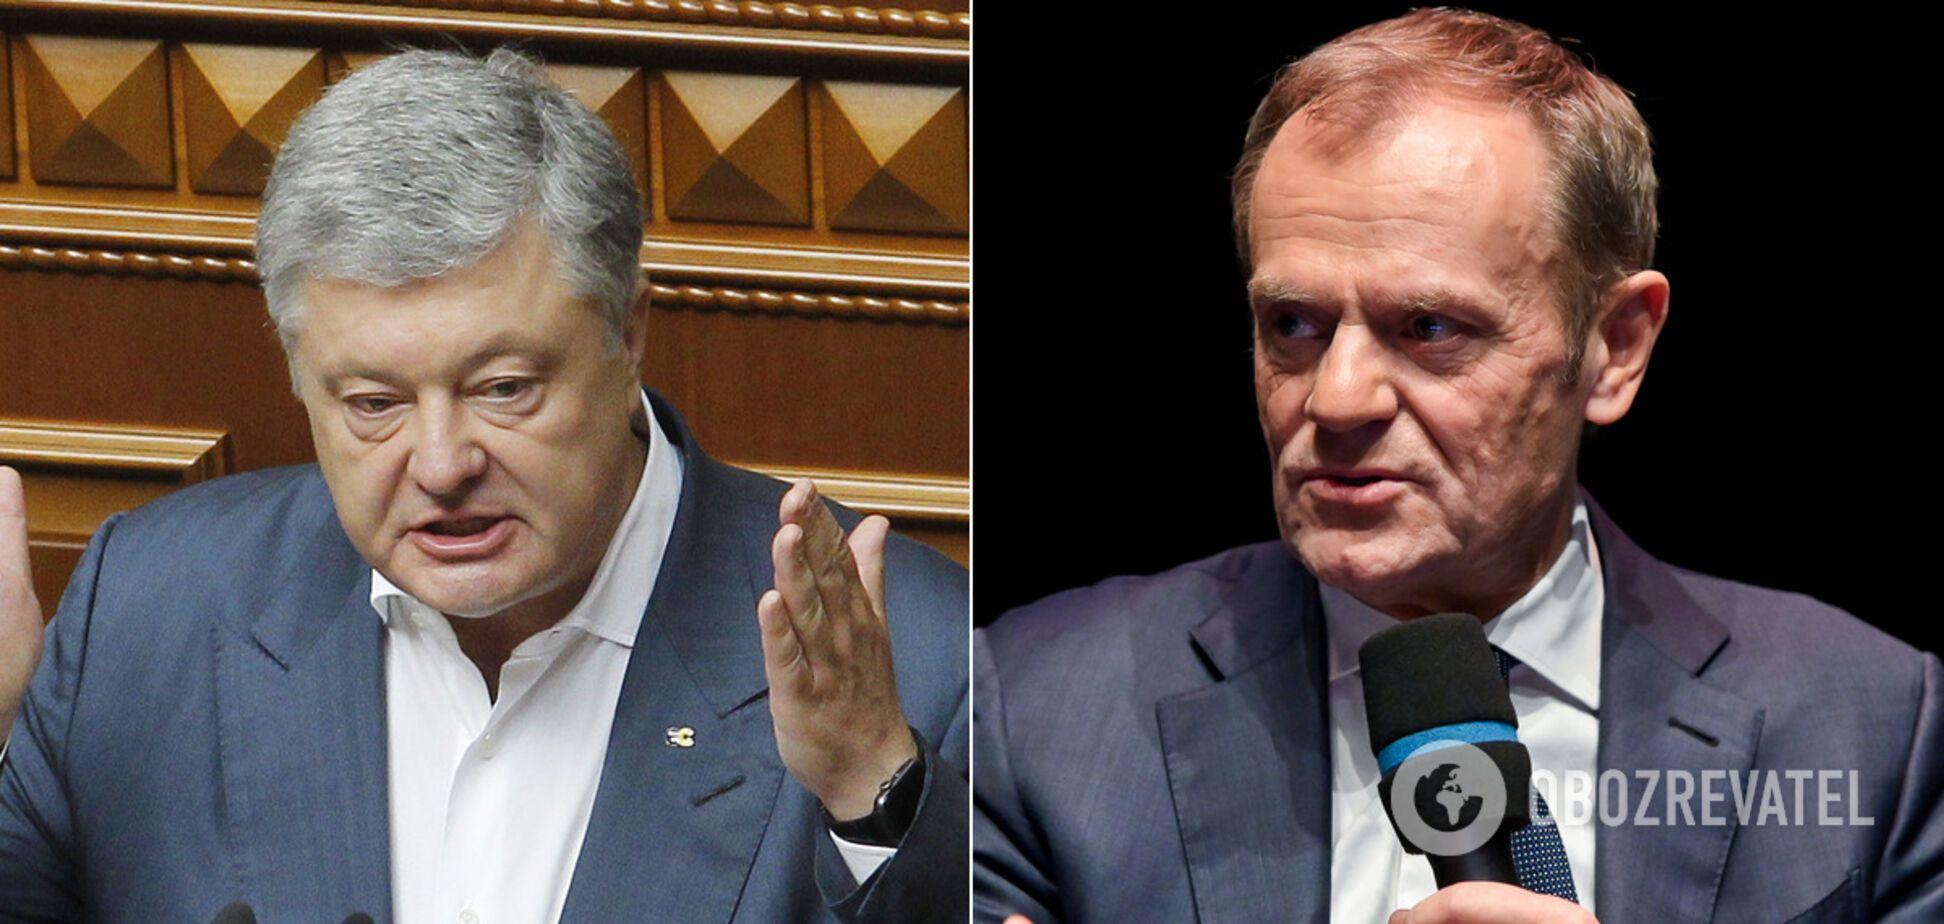 У Європейській народній партії назвали справу проти Порошенка політично вмотивованою